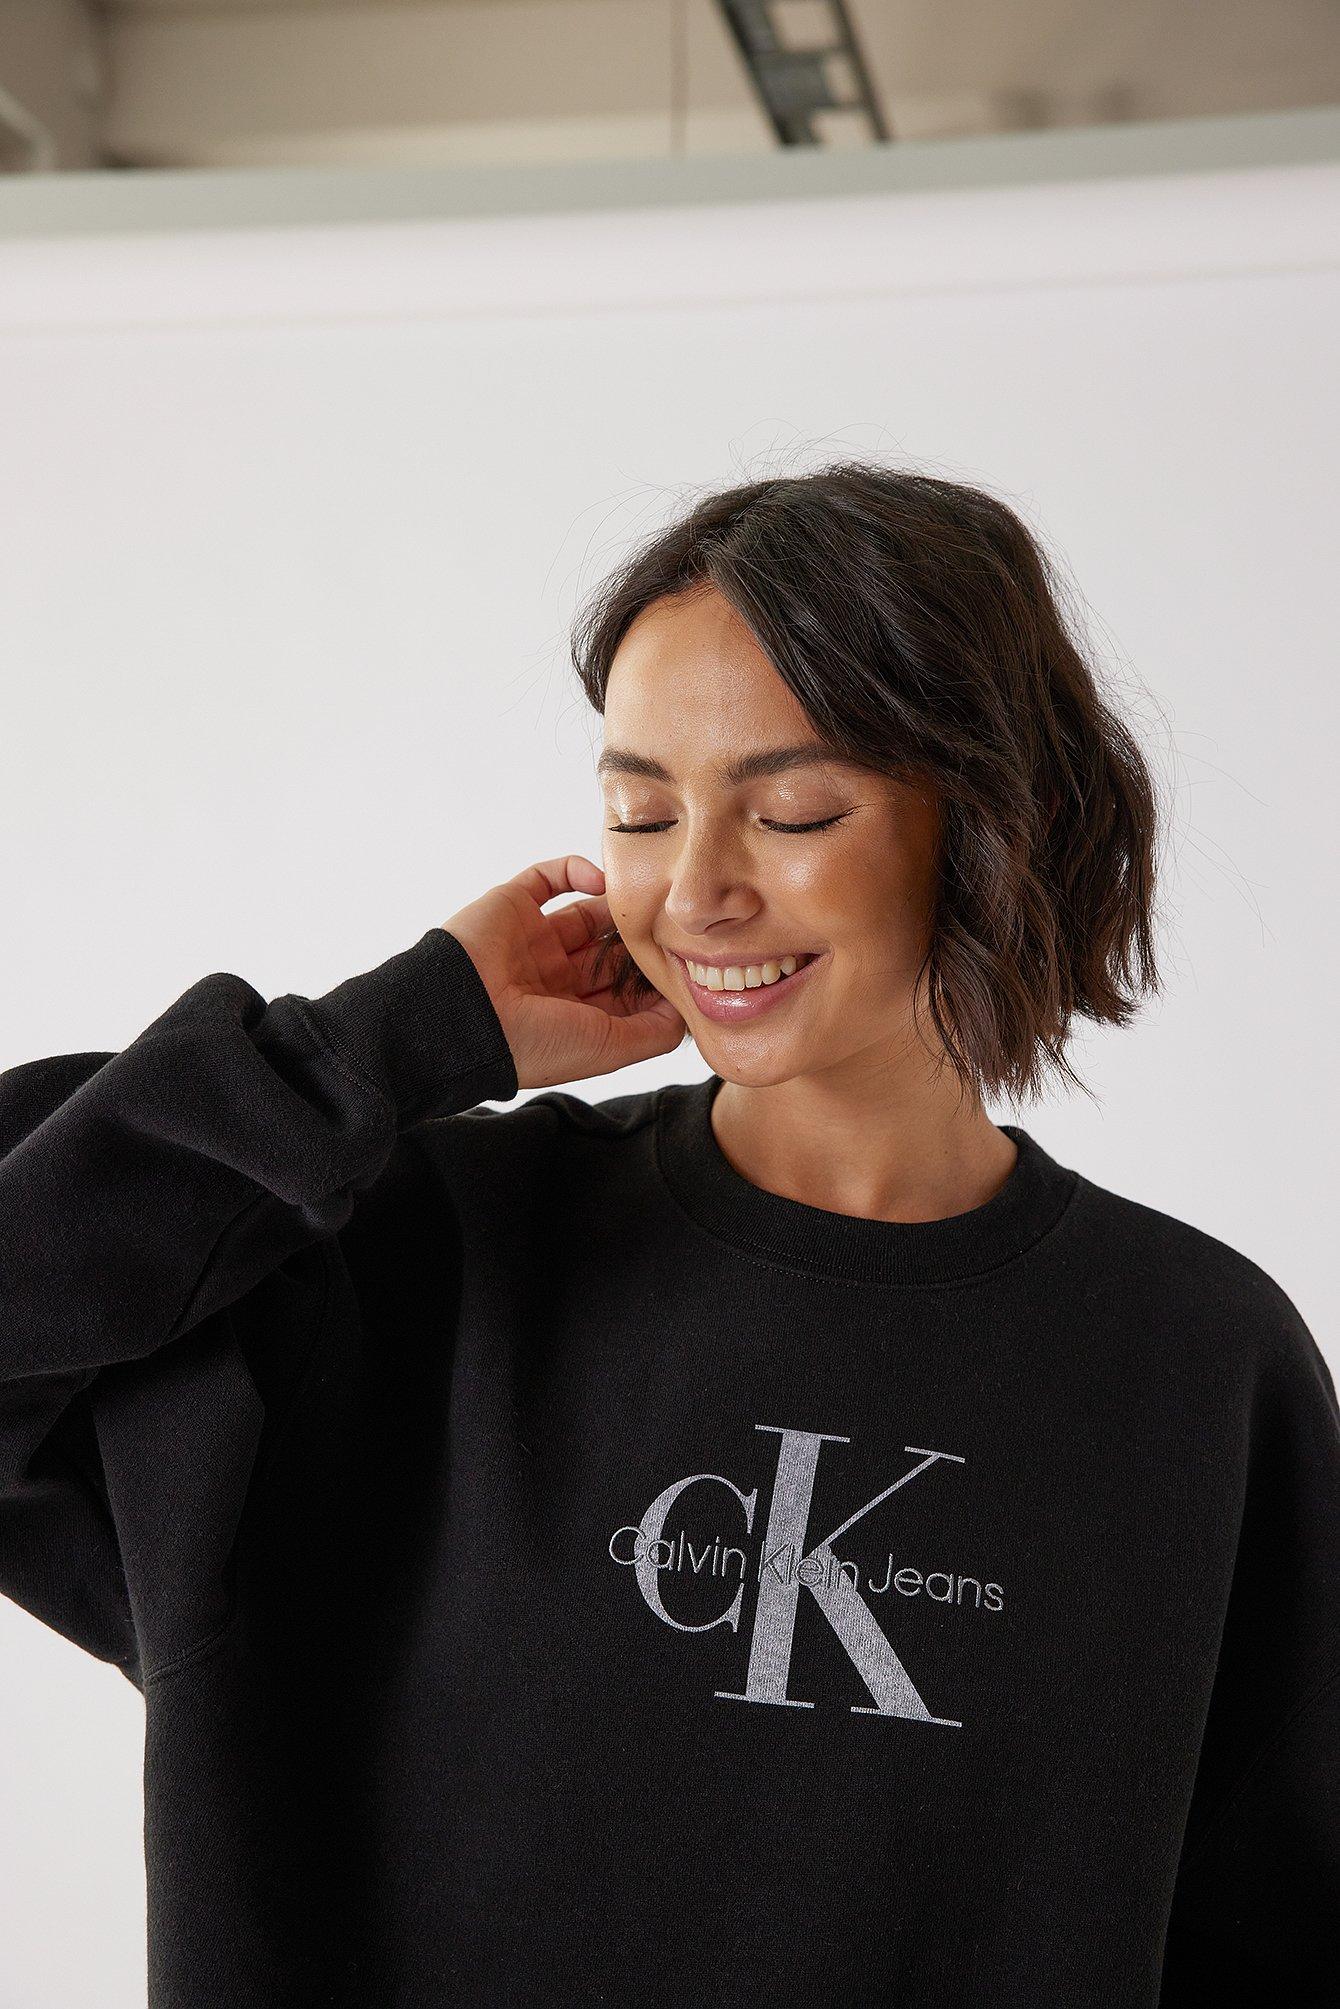 Calvin Klein for NA-KD Økologisk sweater i overstørrelse med rund halsudskæring - Black